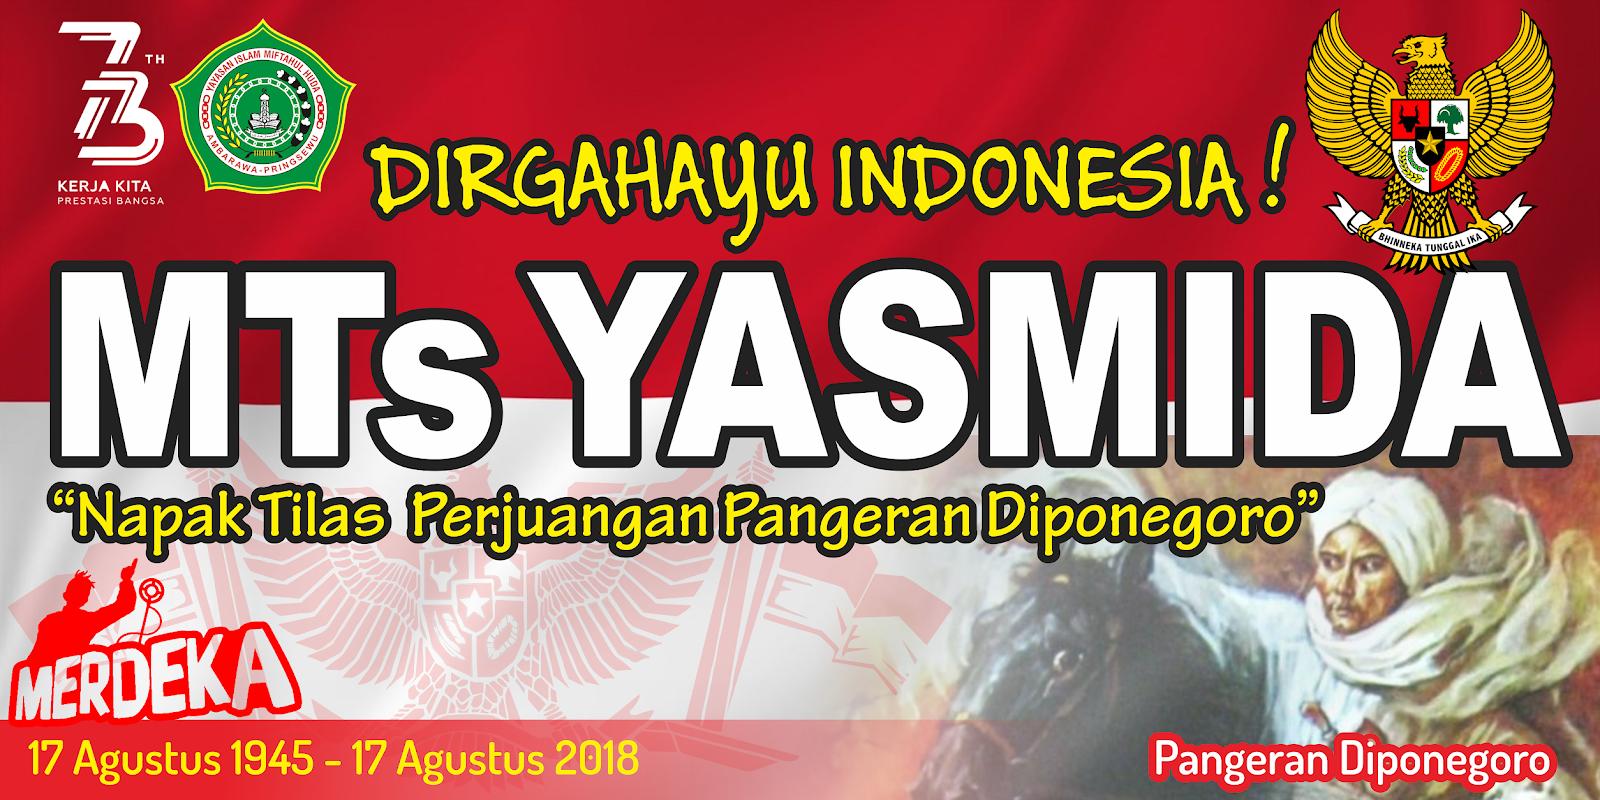 Design Banner 17 Agustus Dirgahayu Indonesia MTs Yasmida